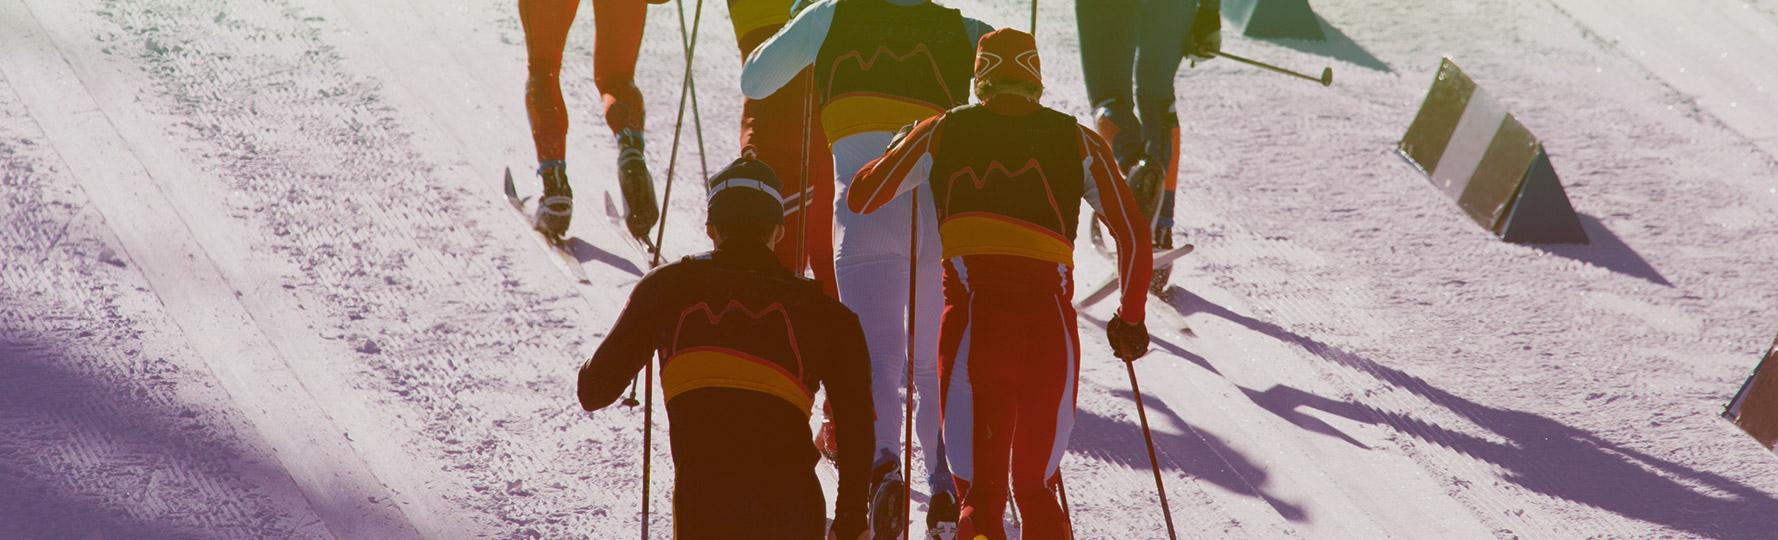 Vasalopp ski waxing